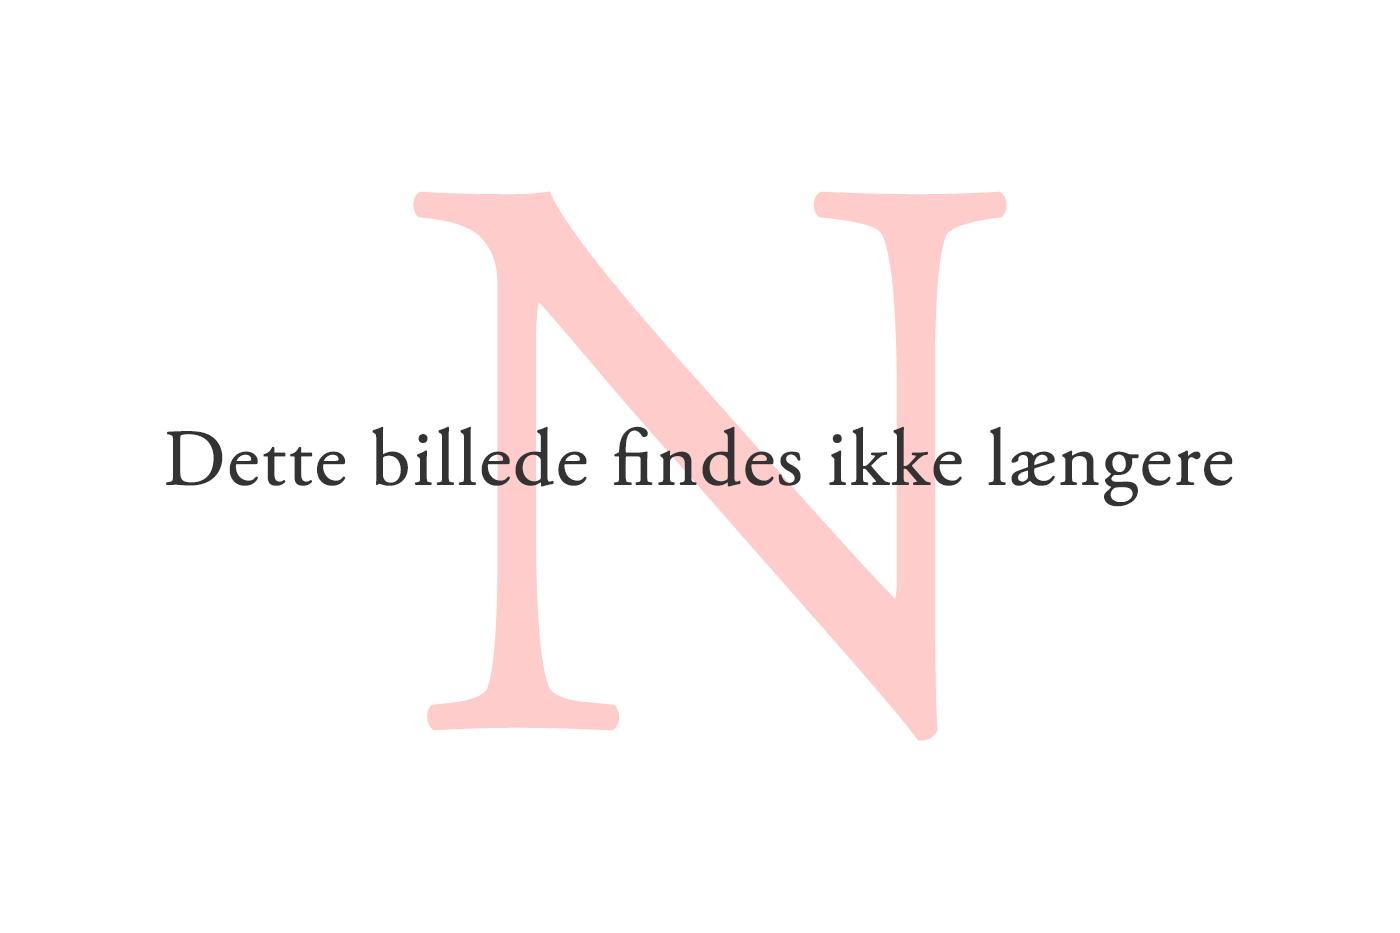 Danskerne er i tvivl: Hedder det 'en' eller 'et' hamster?